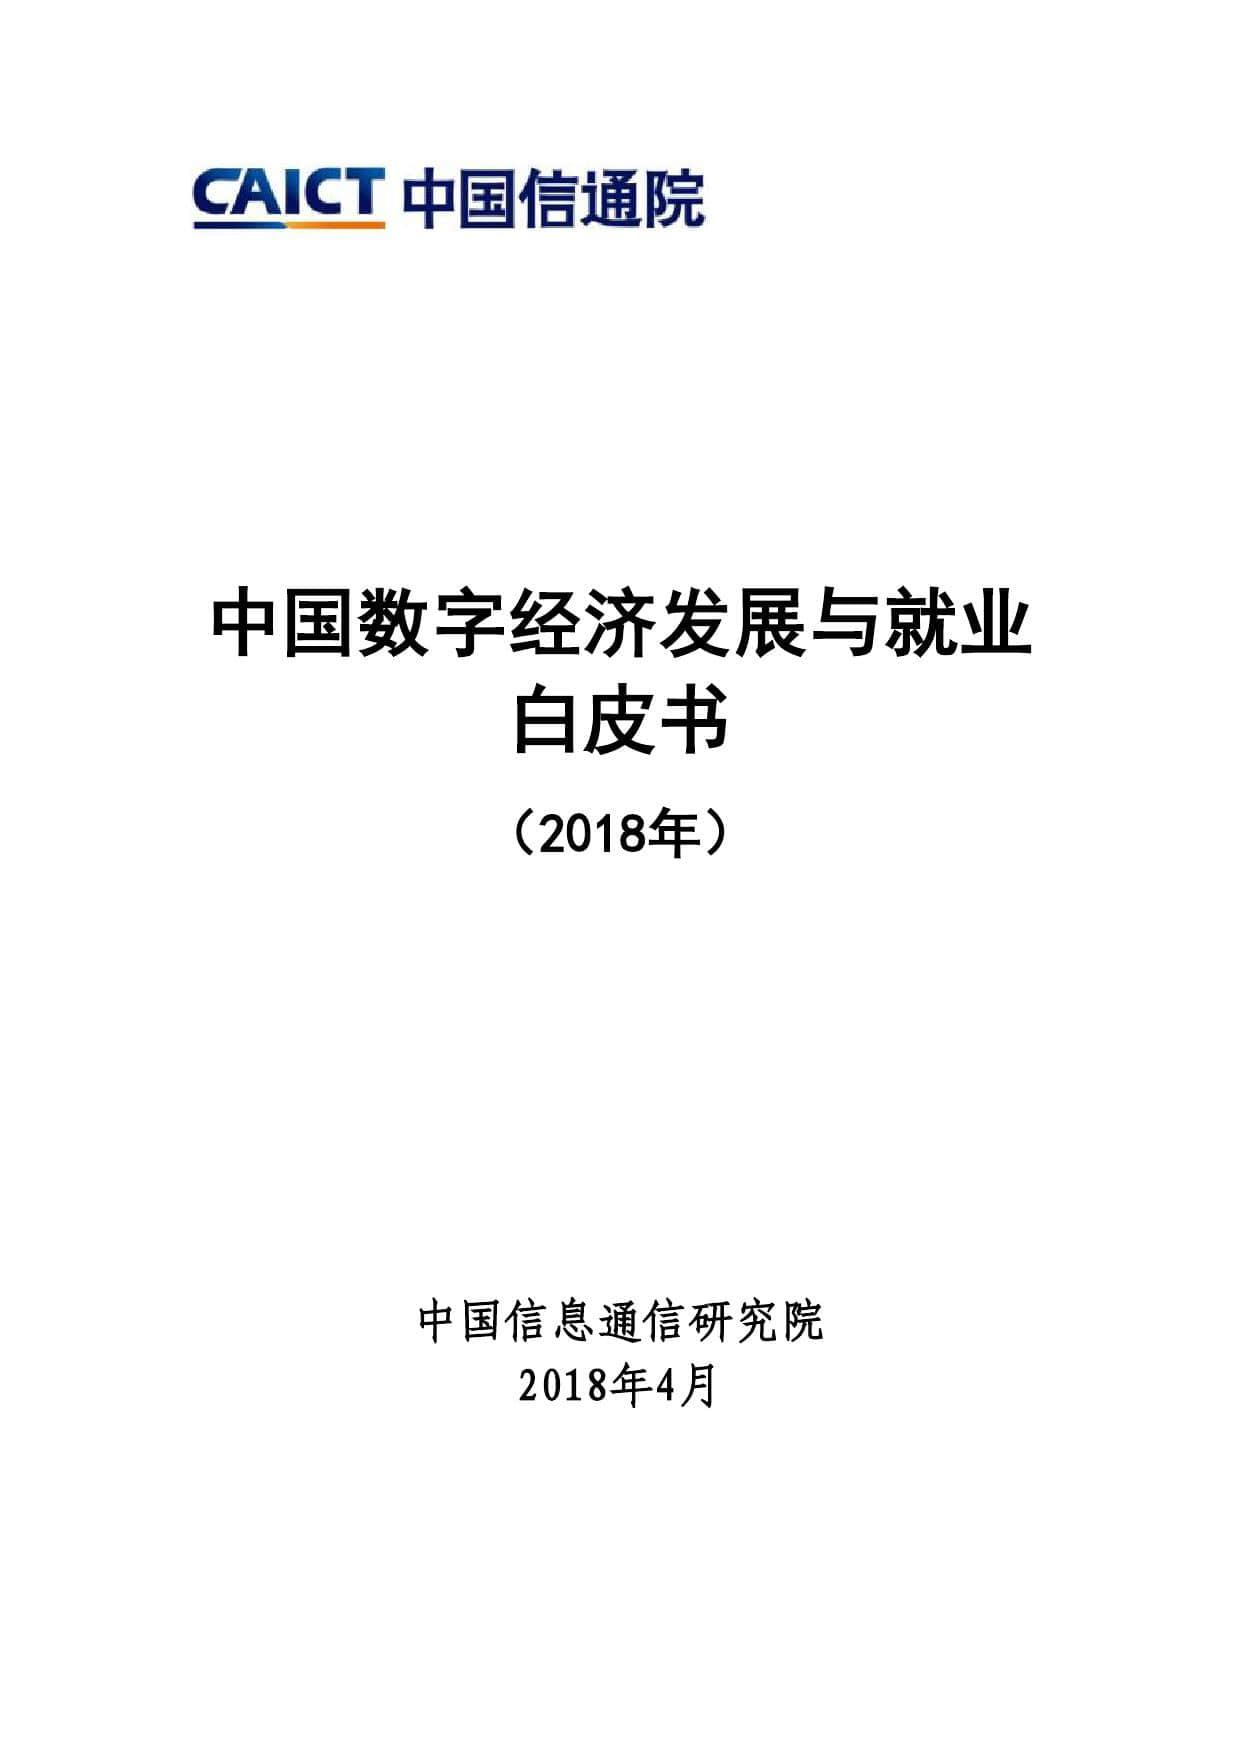 中国信通院发布2018中国数字经济发展与就业白皮书